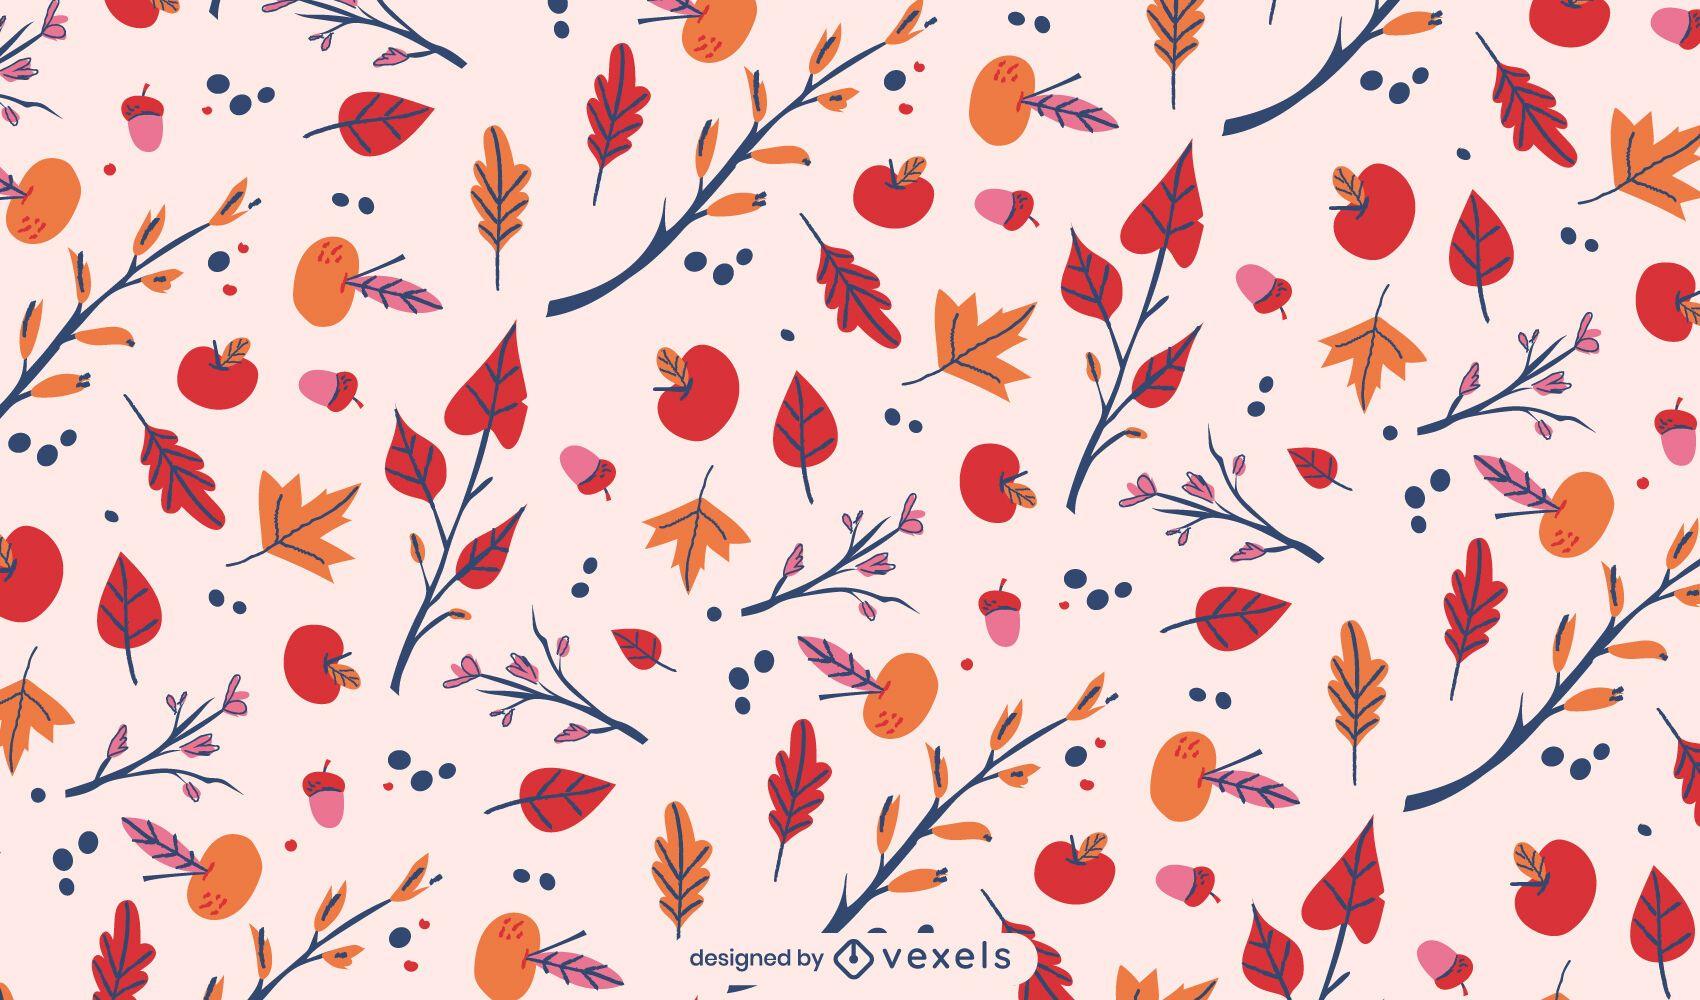 Diseño de patrón de naturaleza de hojas de otoño